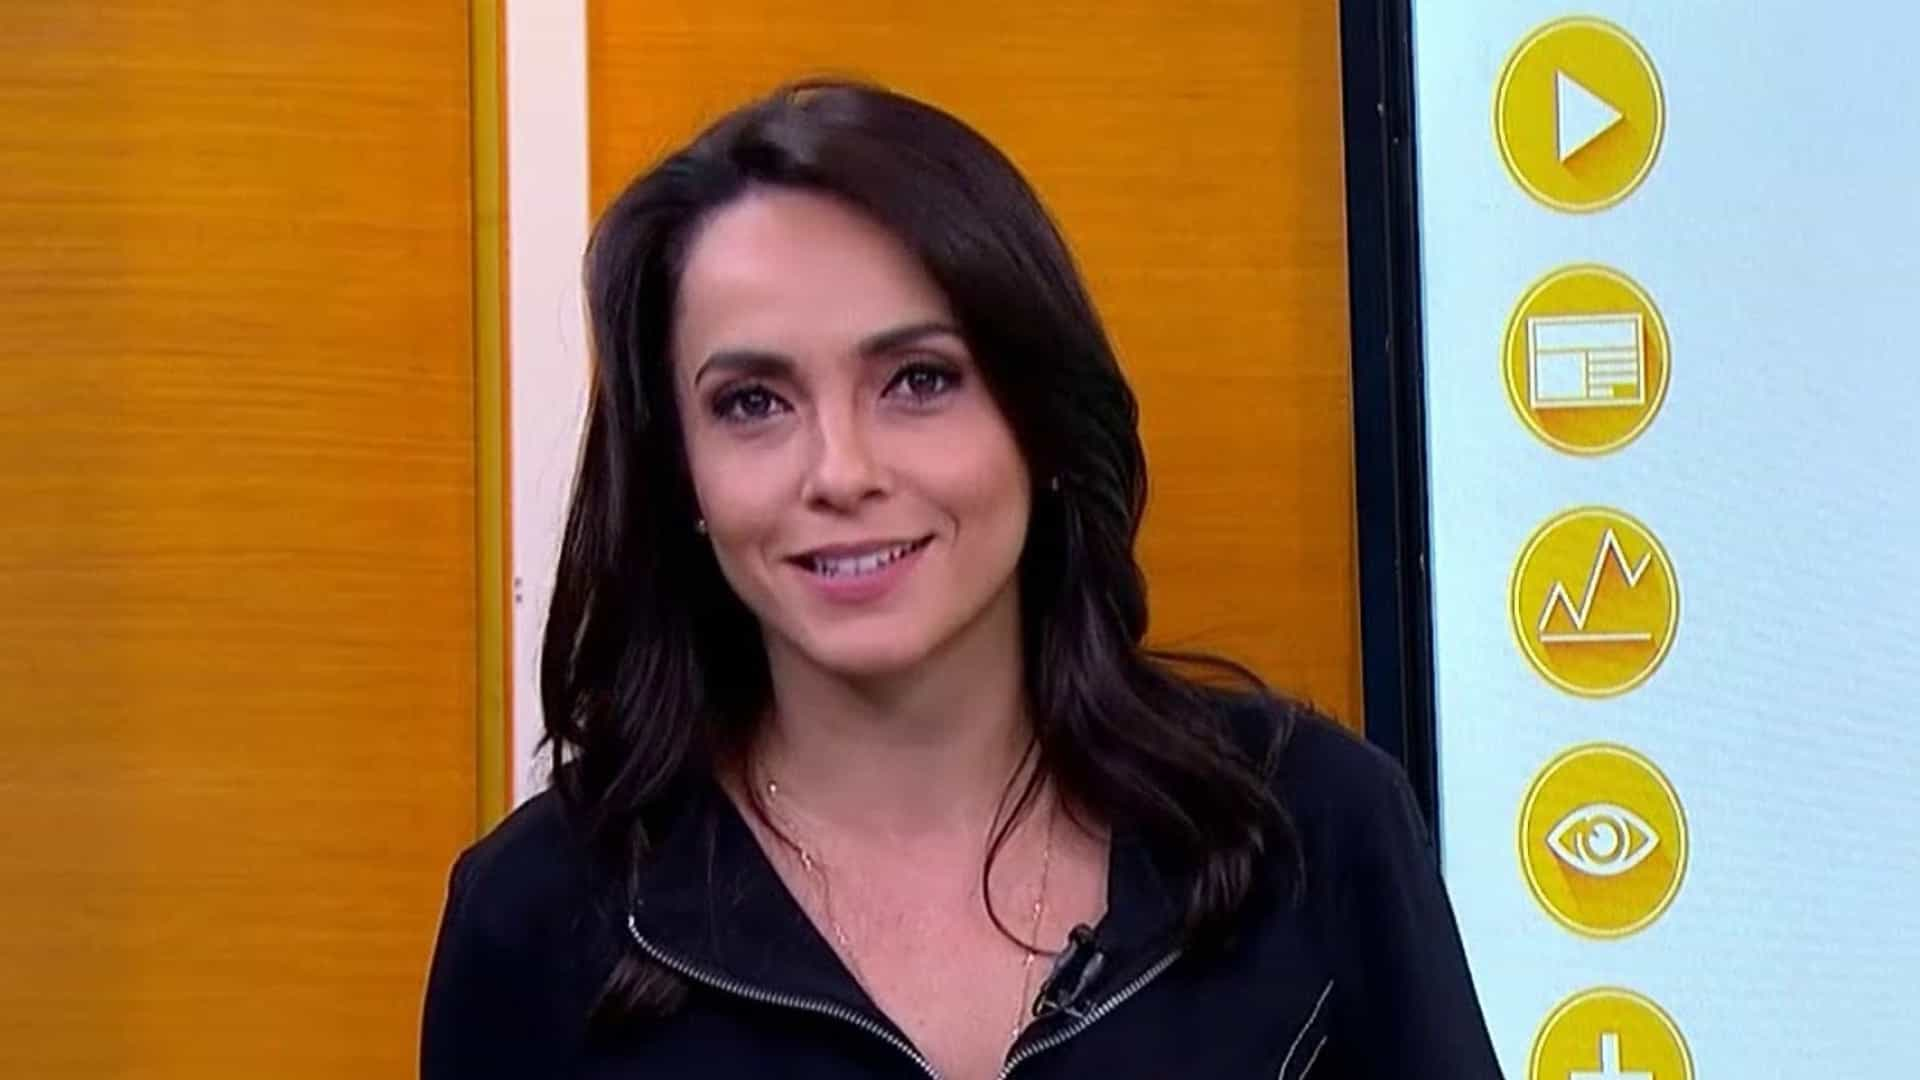 Jornalista diz que foi impedida de cumprir decisão judicial na Globo